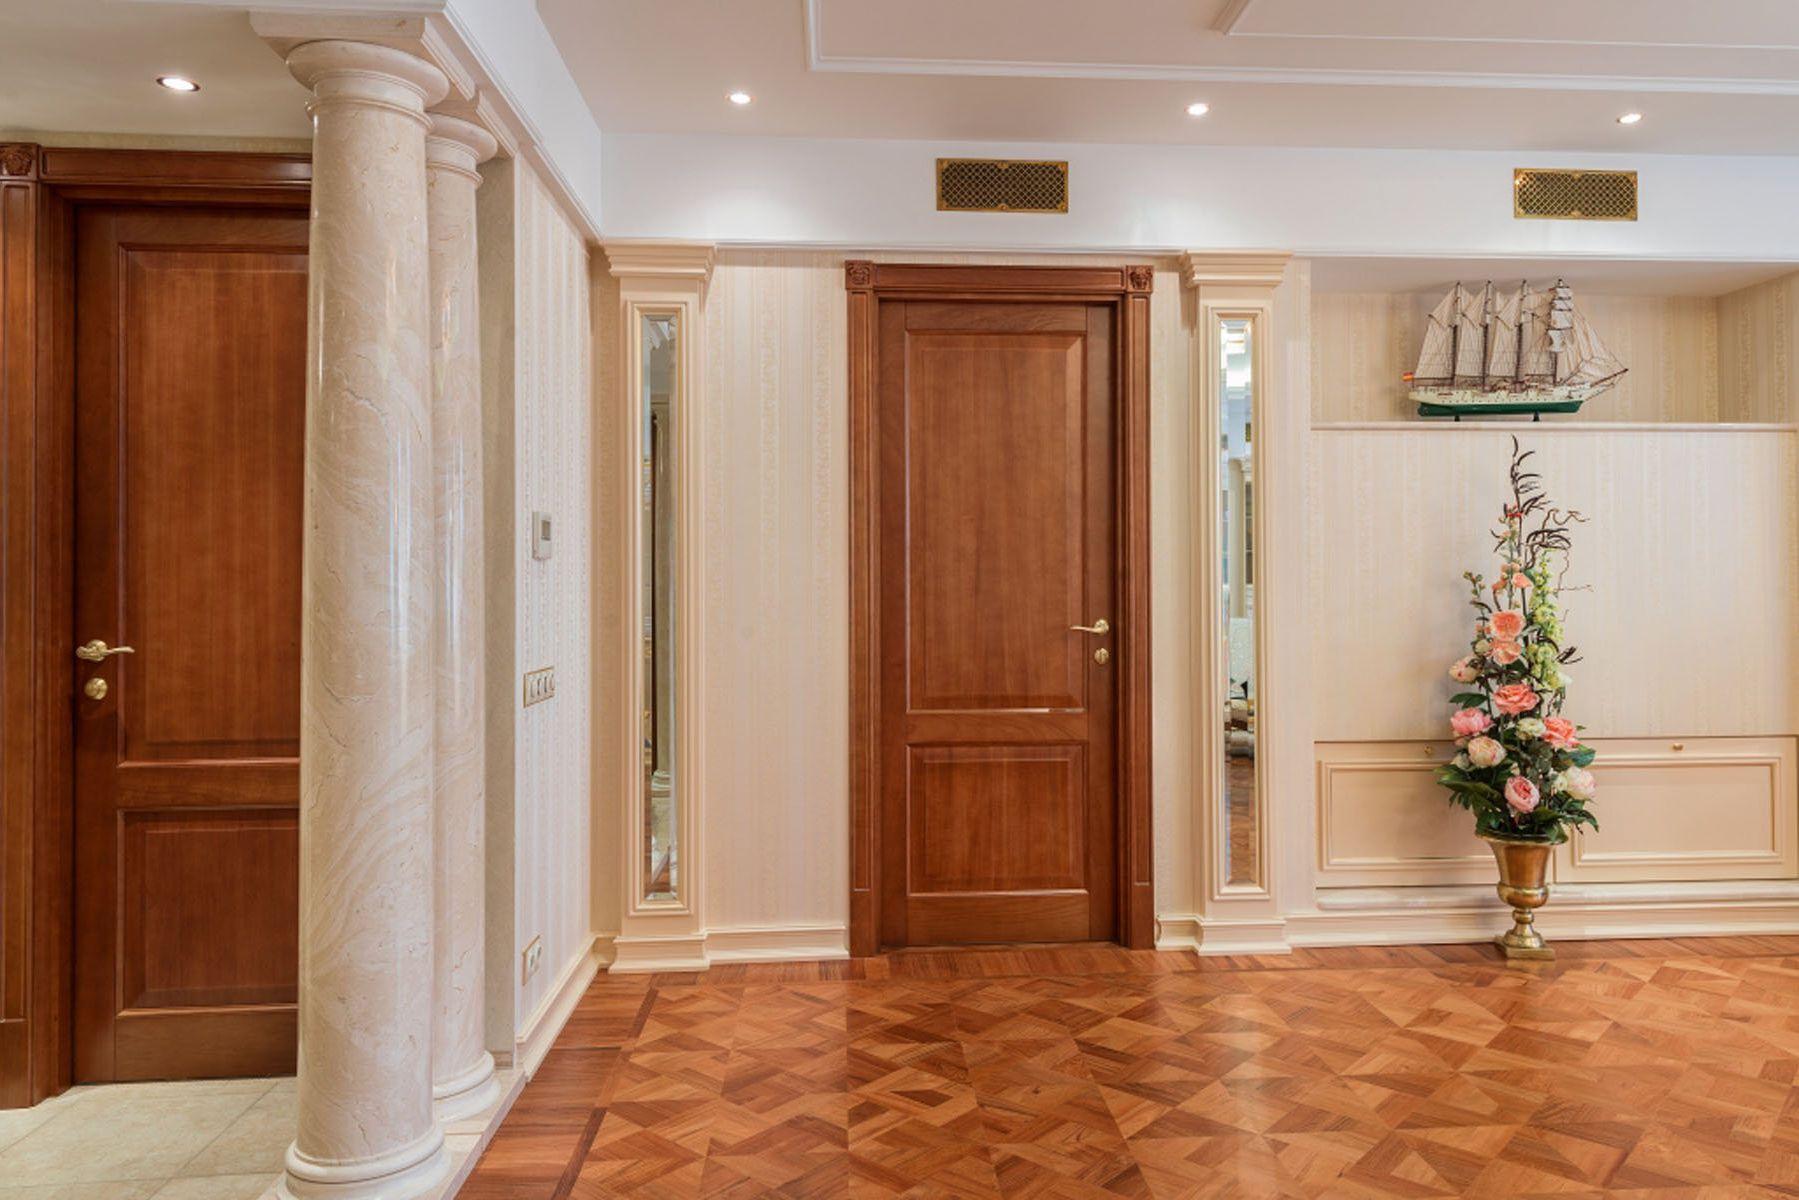 The massive door of solid wood in a classic room design